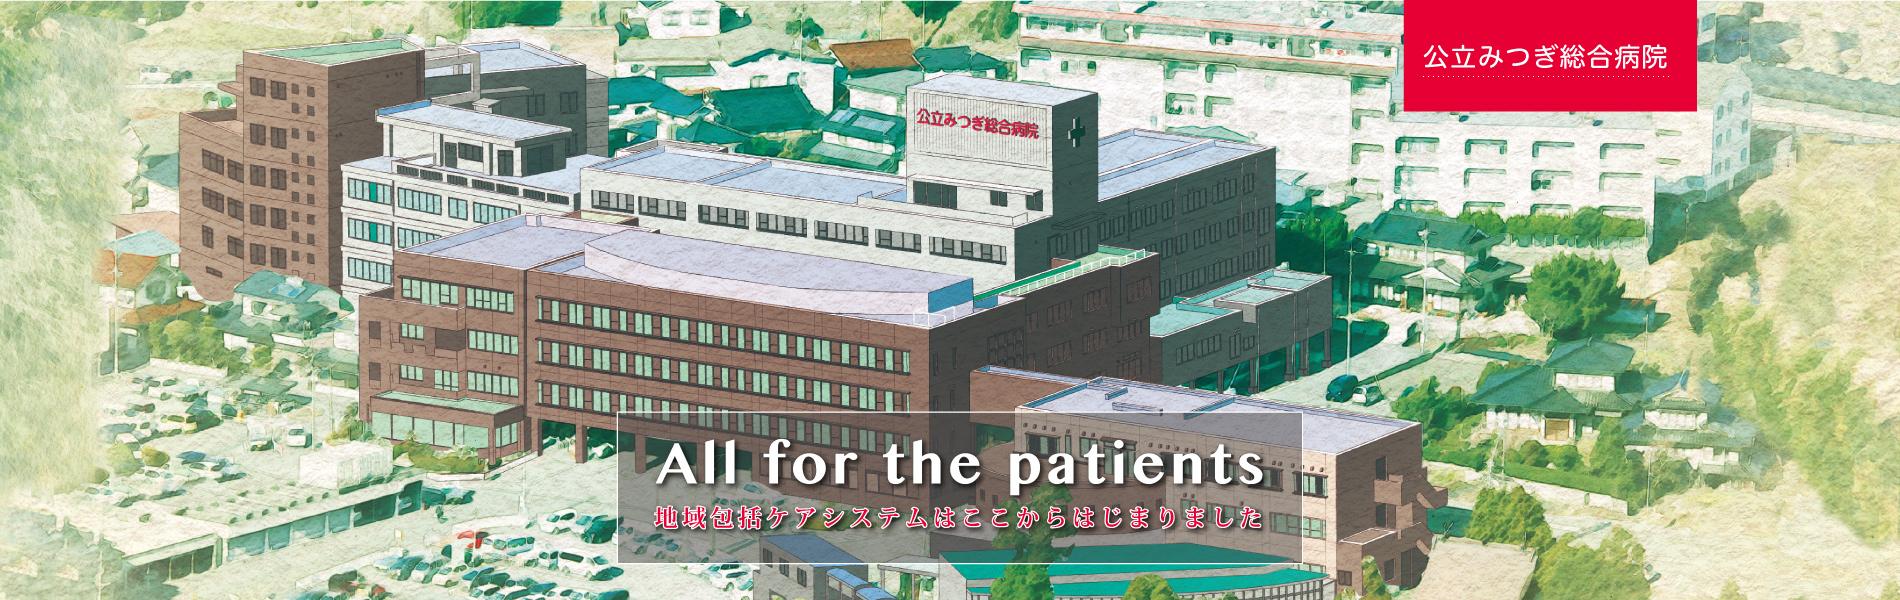 尾道市公立みつぎ総合病院